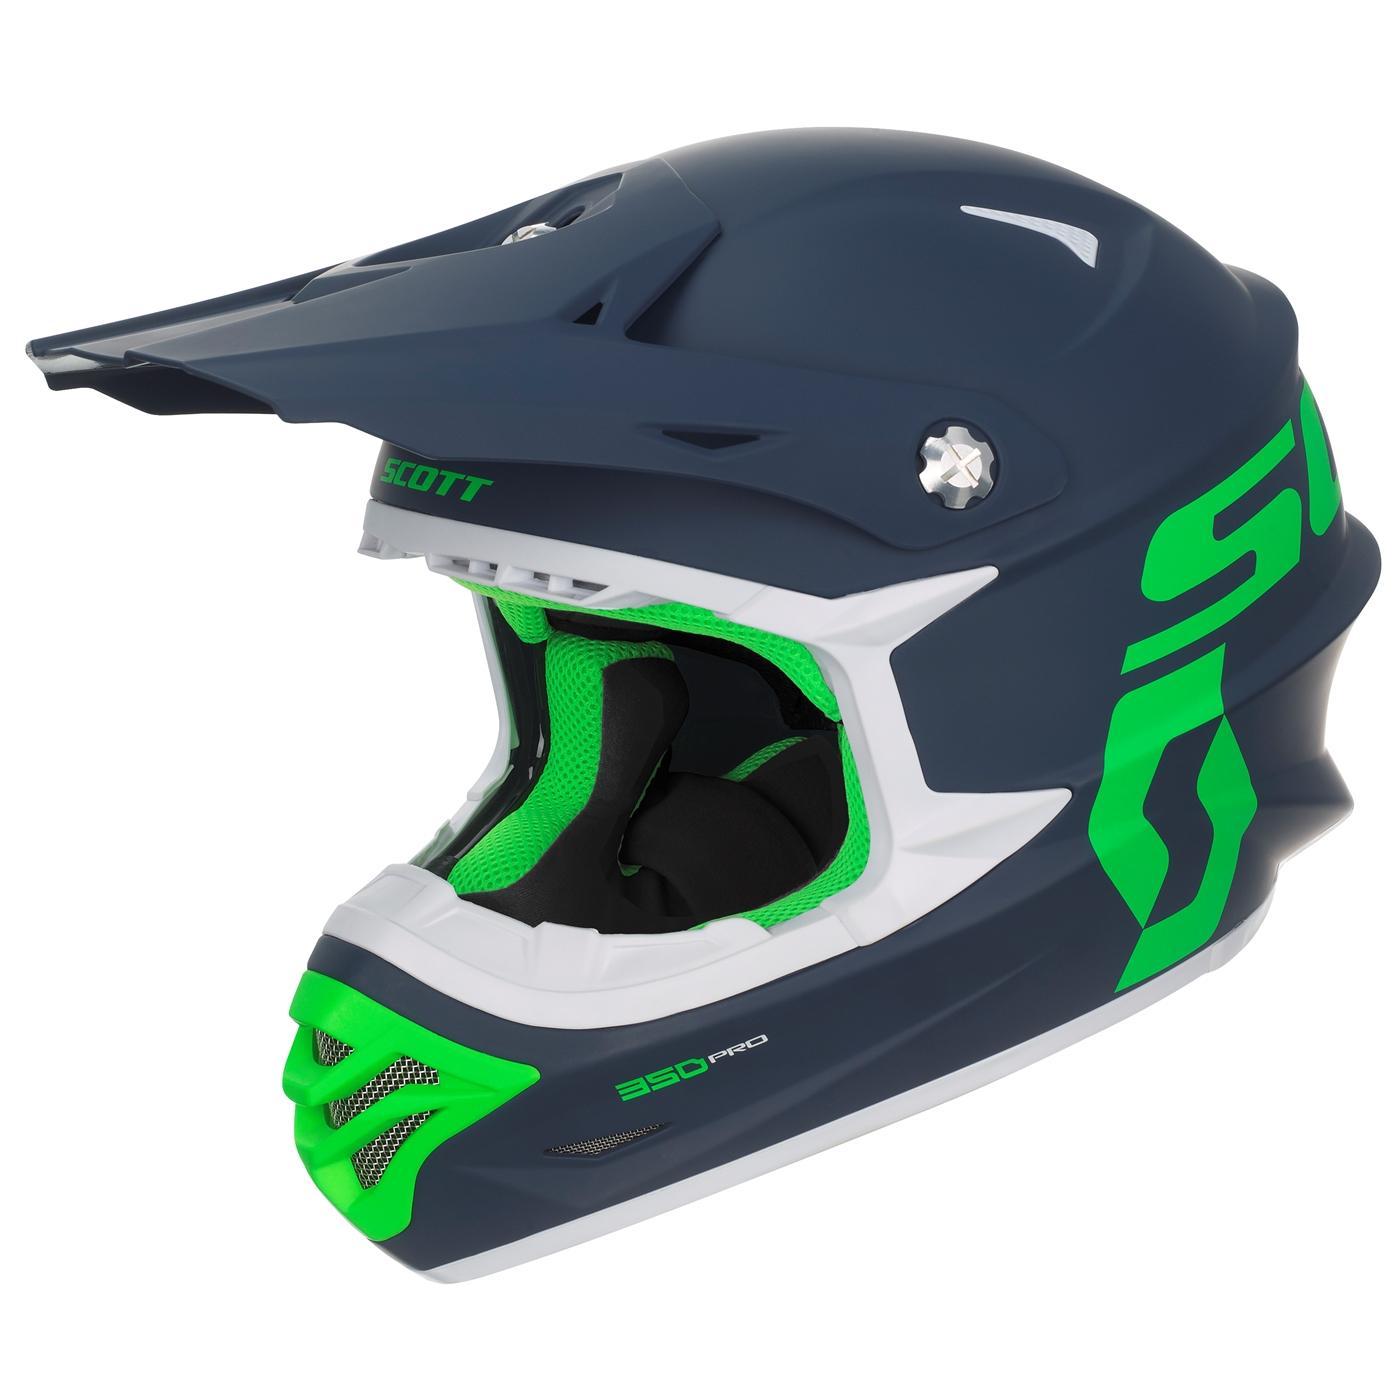 Scott 350 Pro Hjelm - Blå/Grønn - XS